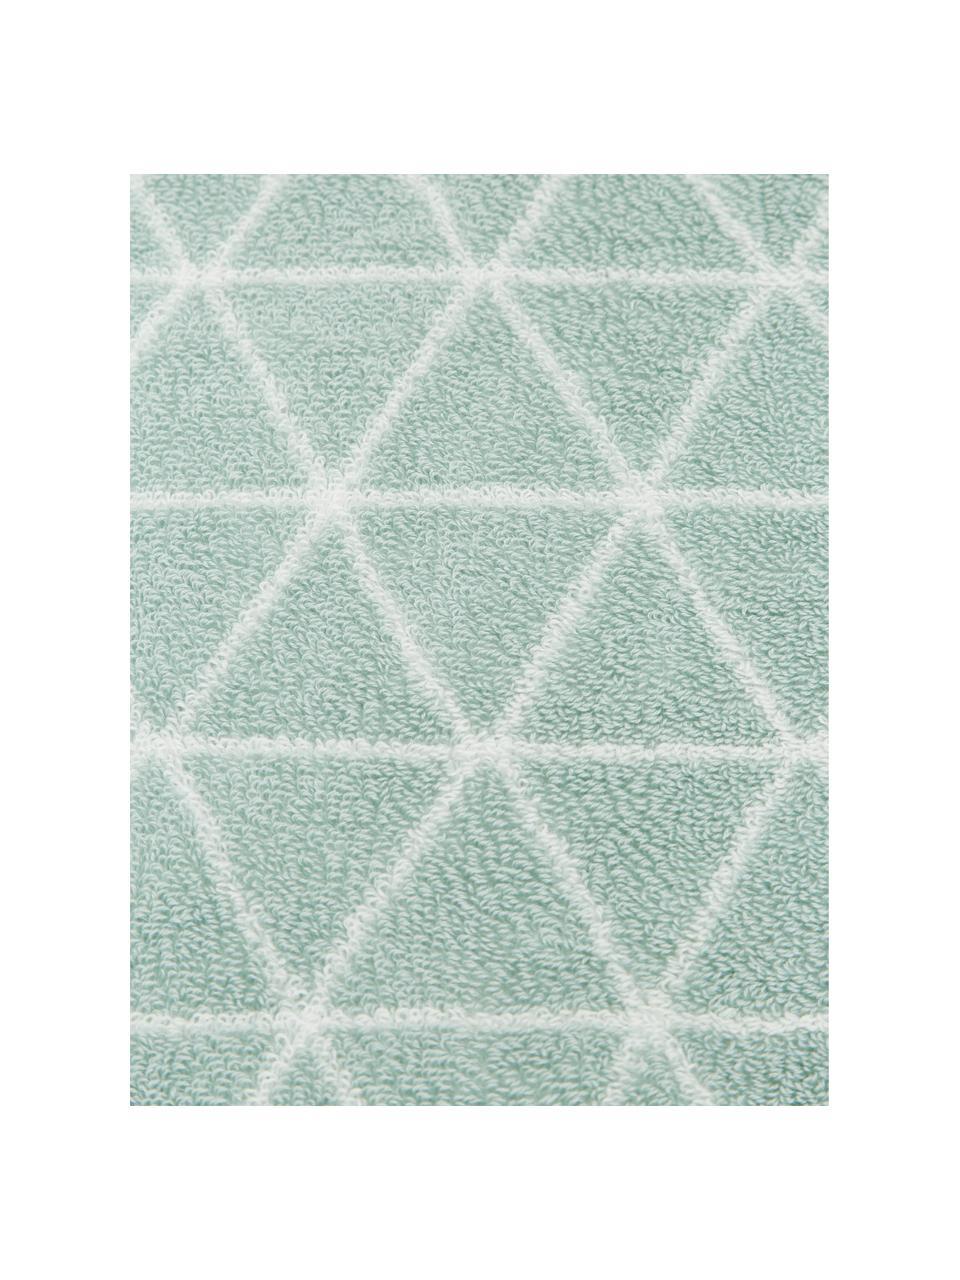 Wende-Handtuch Elina mit grafischem Muster, 100% Baumwolle, mittelschwere Qualität 550 g/m², Mintgrün, Cremeweiß, Gästehandtuch